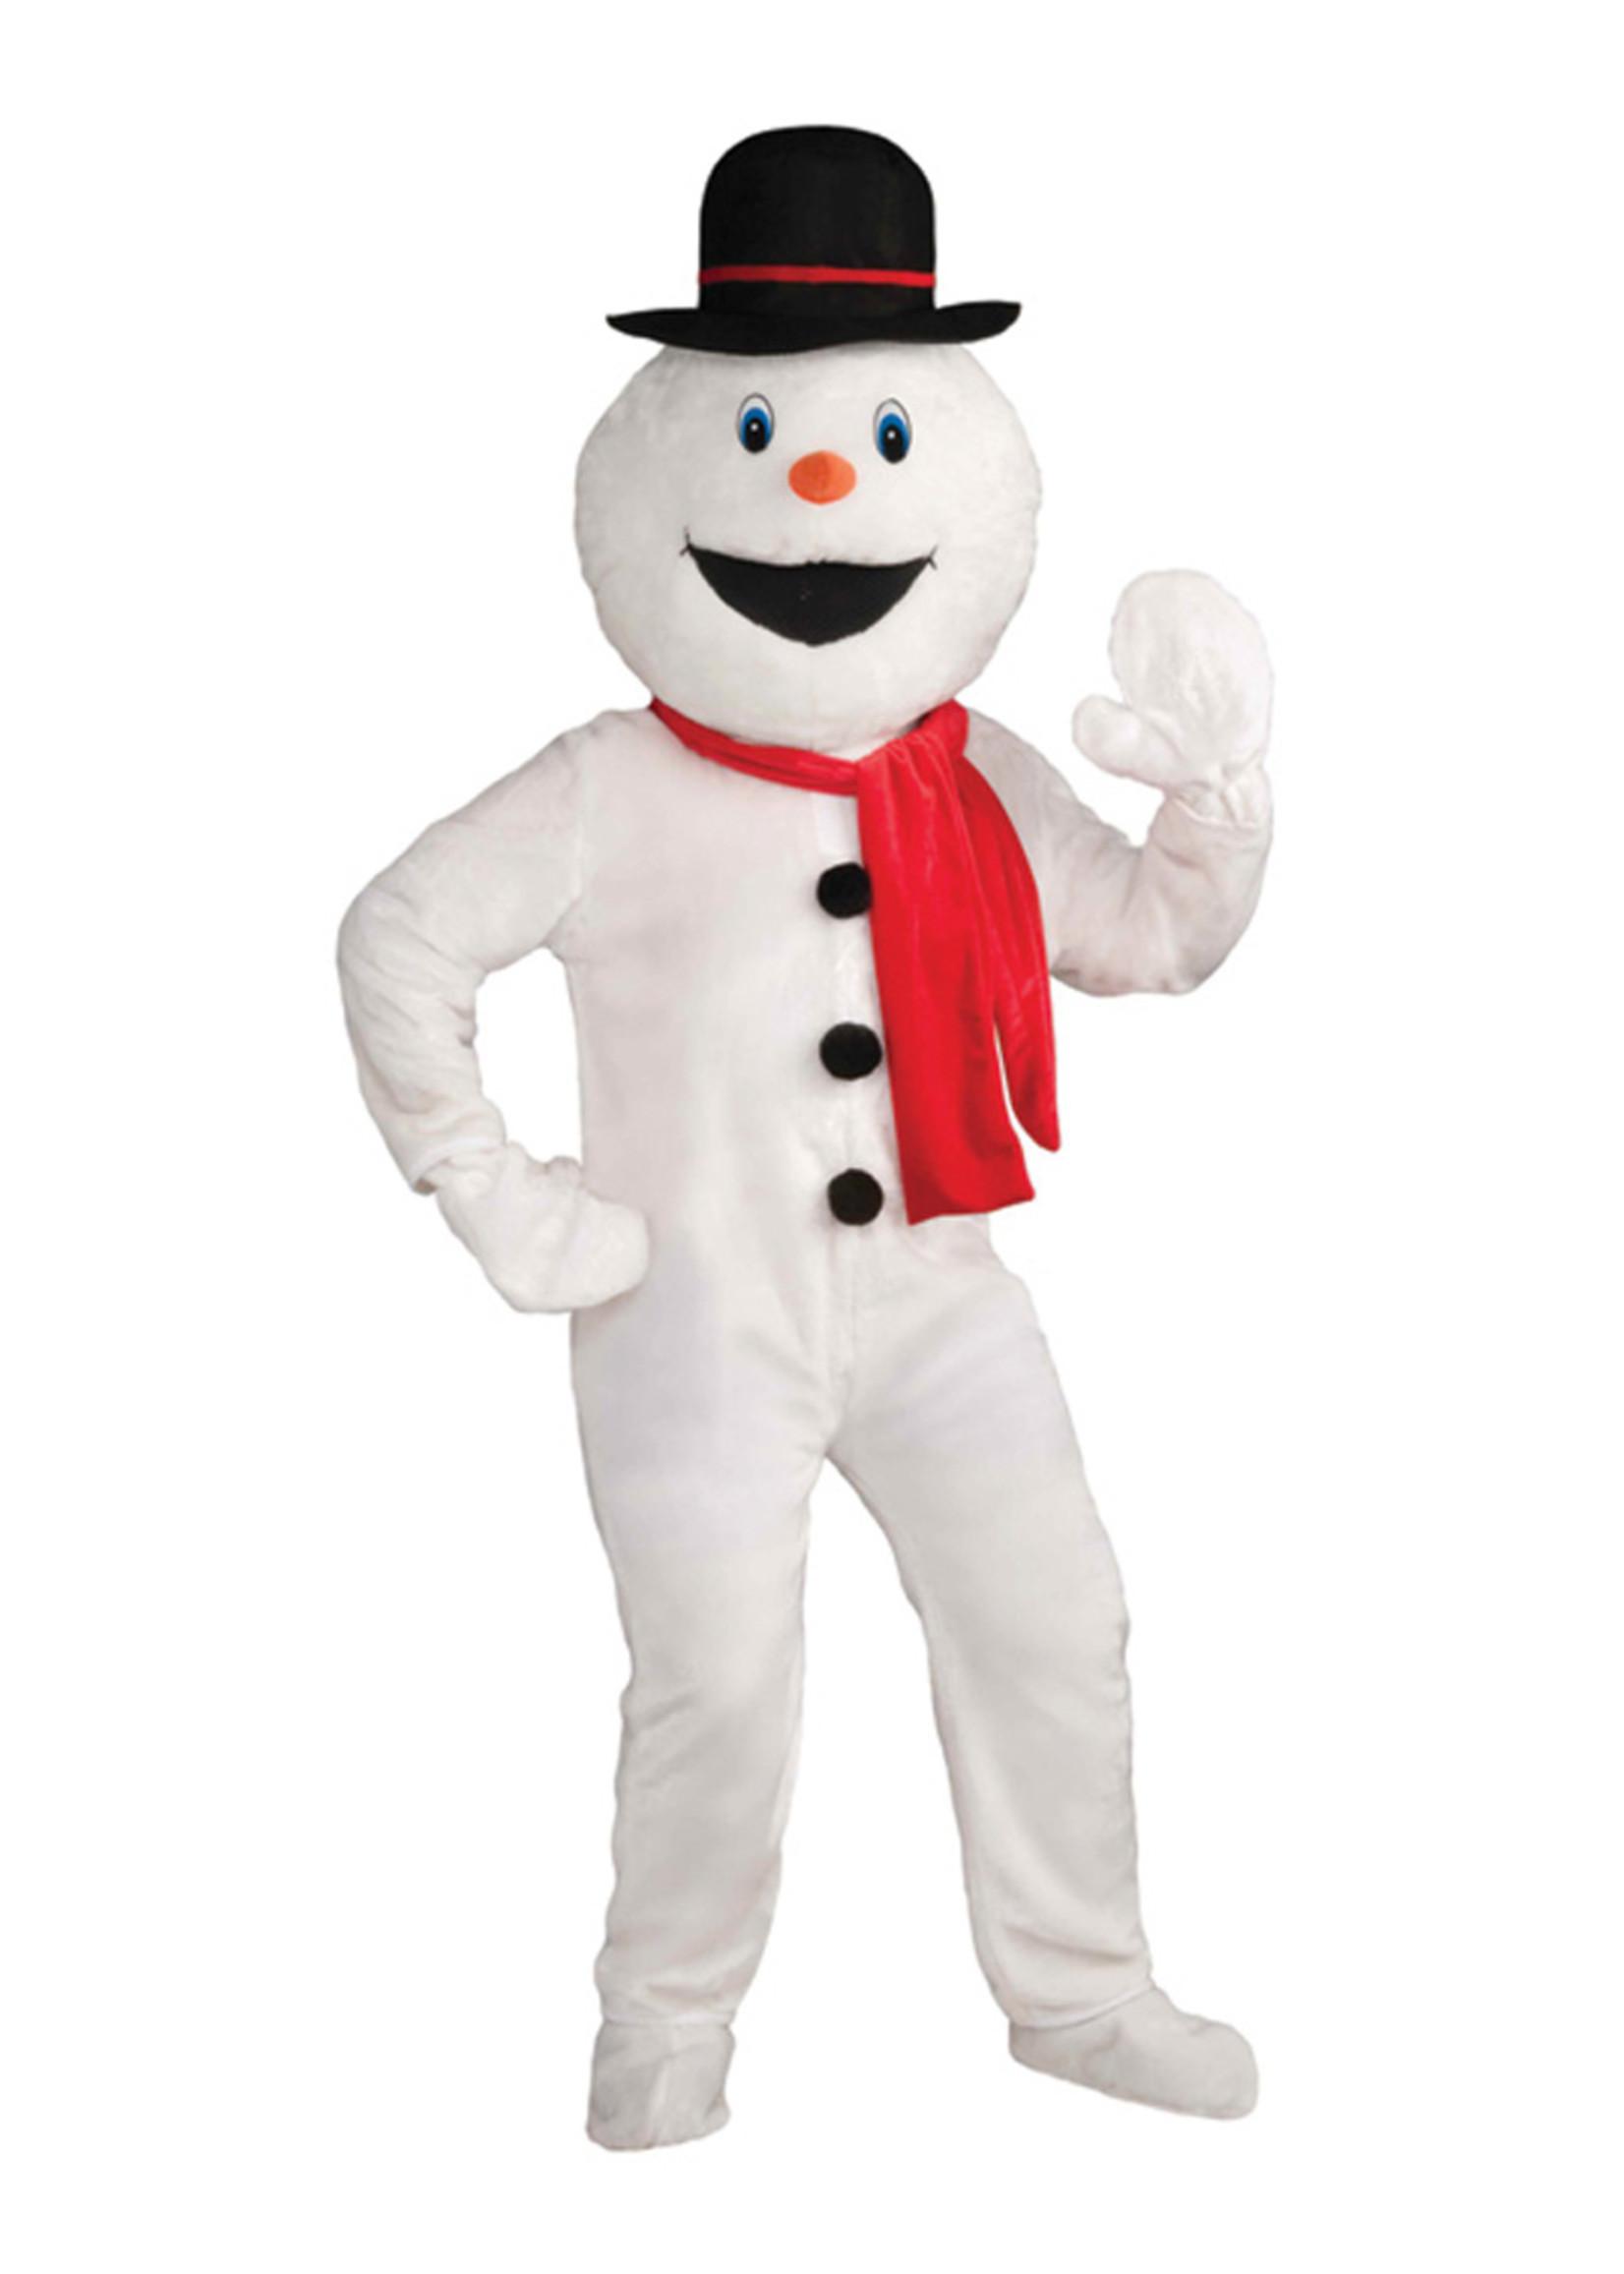 FORUM NOVELTIES Snowman Deluxe Costume - Adult